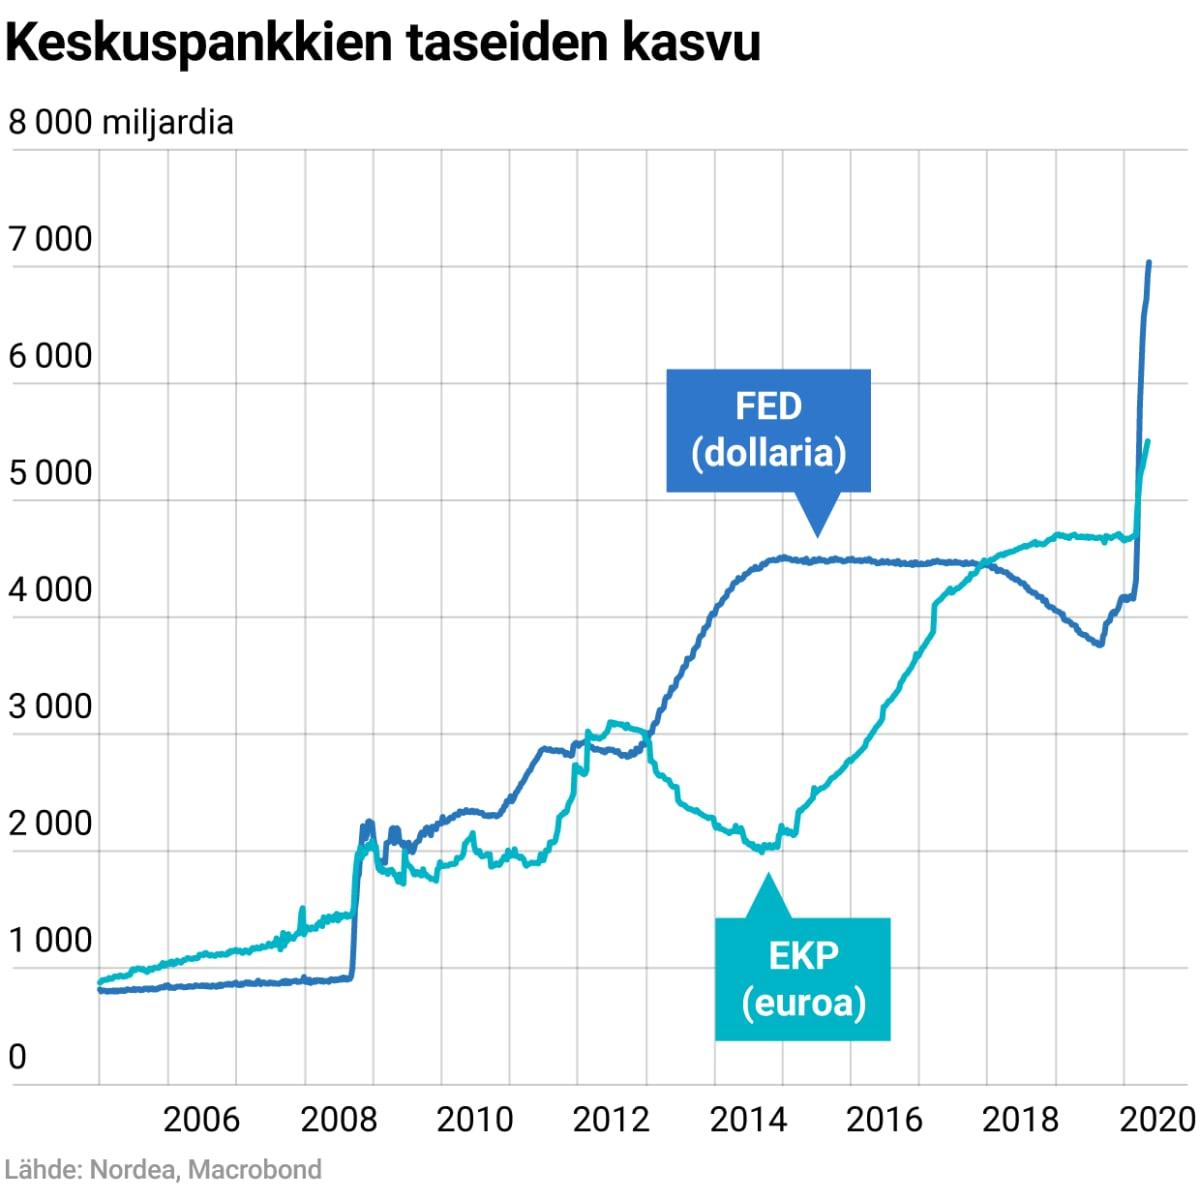 Keskuspankkien taseiden kasvu